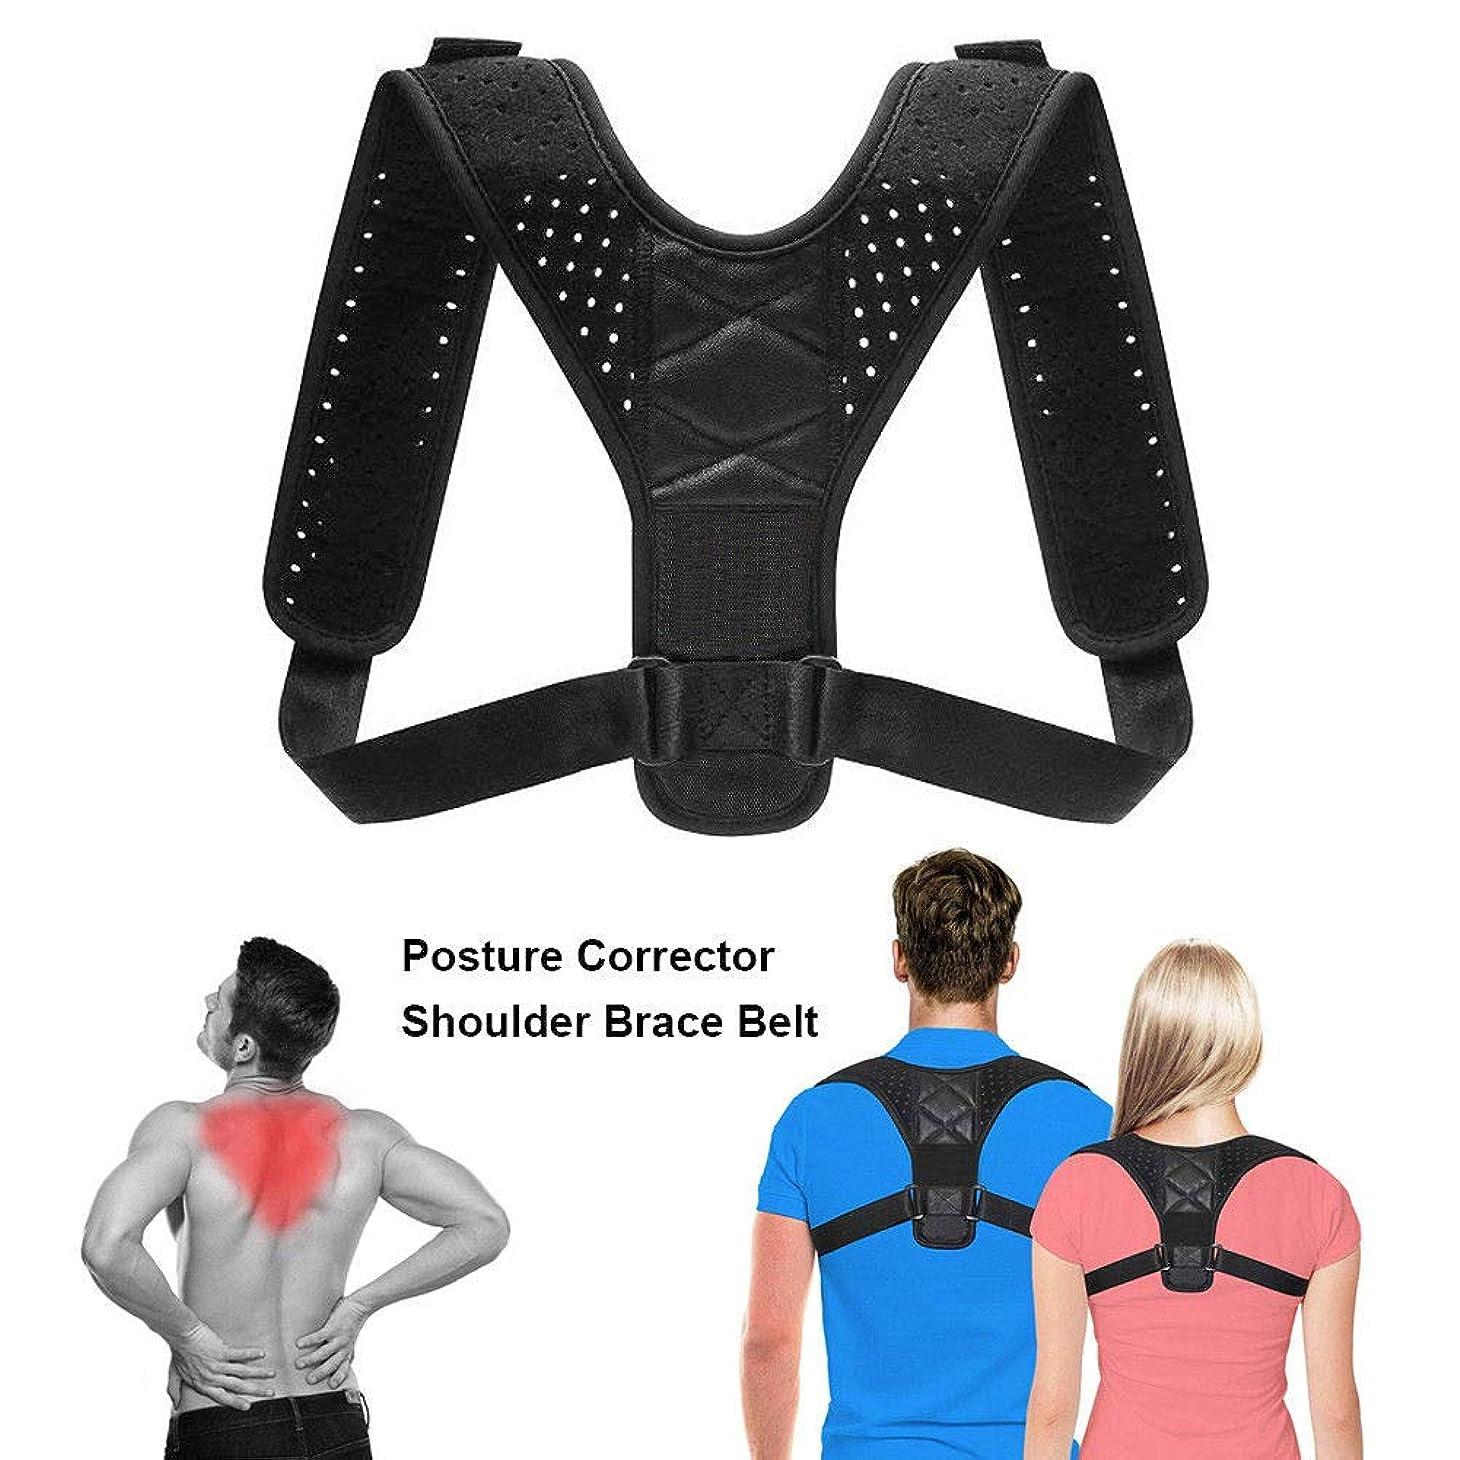 融合代数ニュースボディウェルネス姿勢矯正器バックストレート肩ブレースストラップ正しい男性女性腰椎調節可能サポートベルトコルセットハングバック矯正